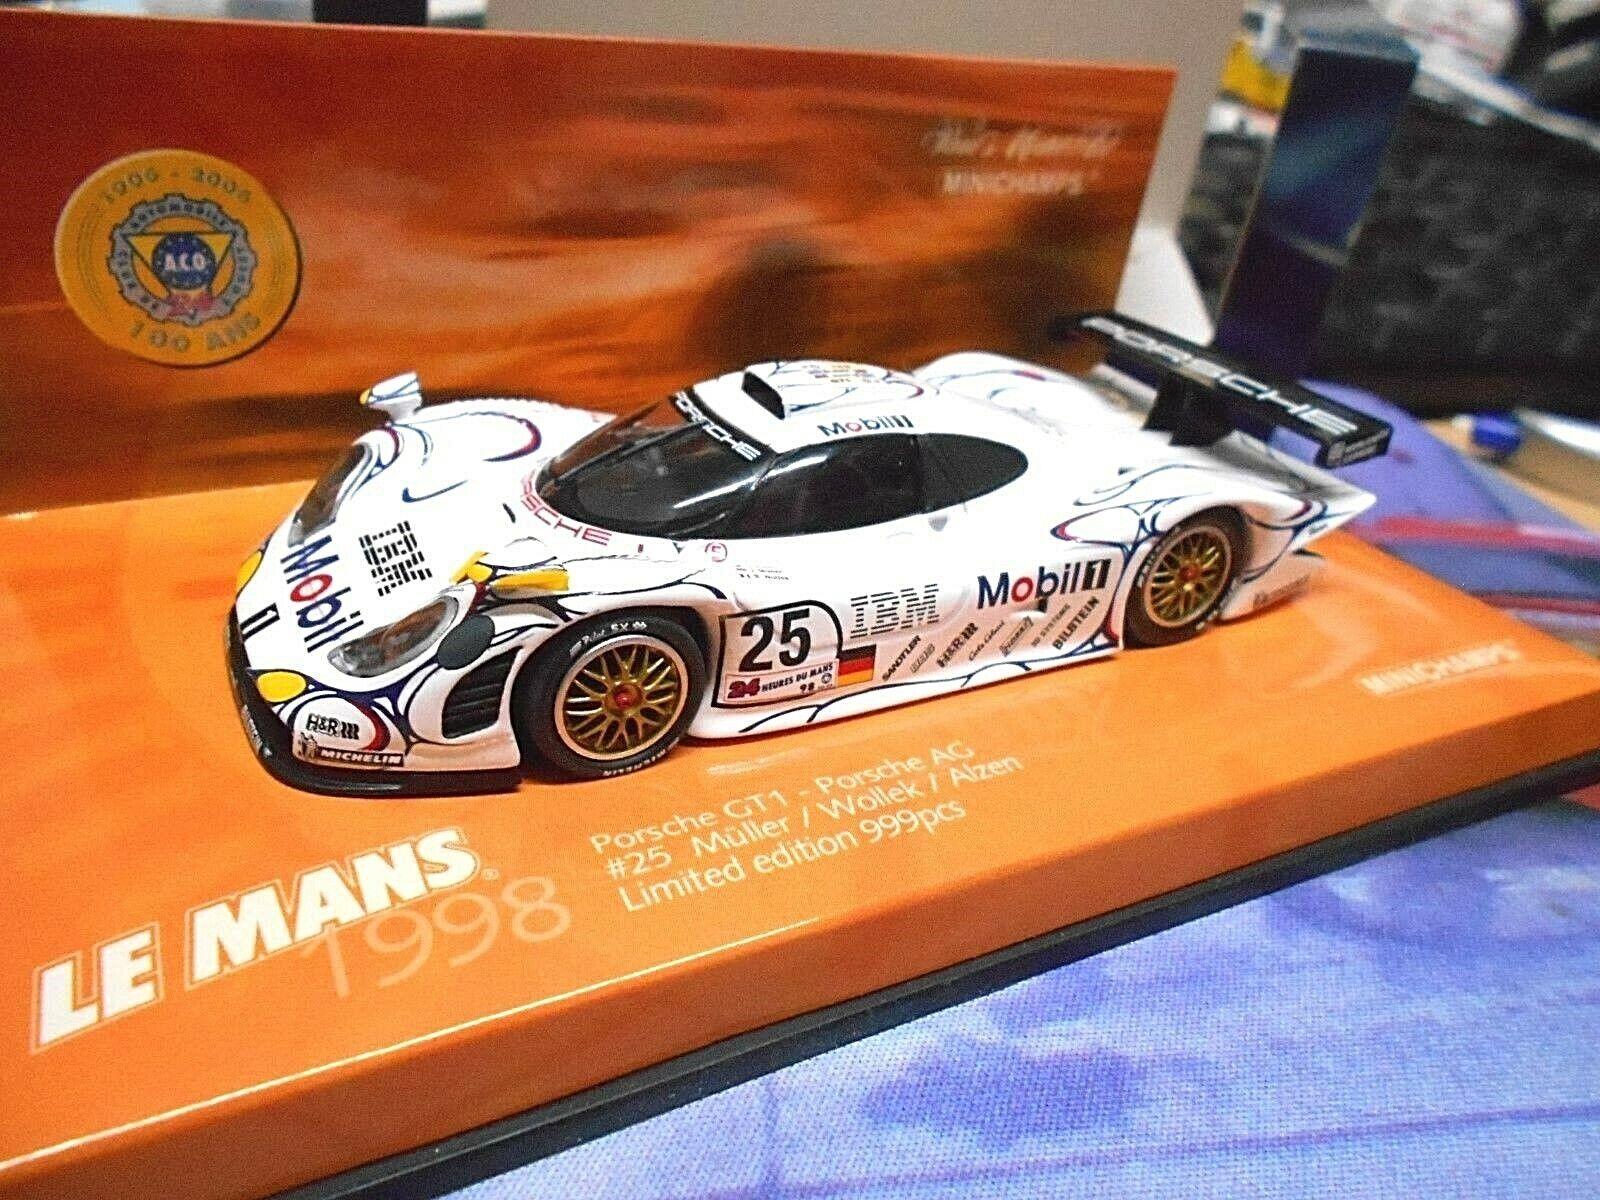 Porsche 911 gt1 evo le mans  25 Wollek Alzen Müller 1998 mobile MINICHAMPS 1 43